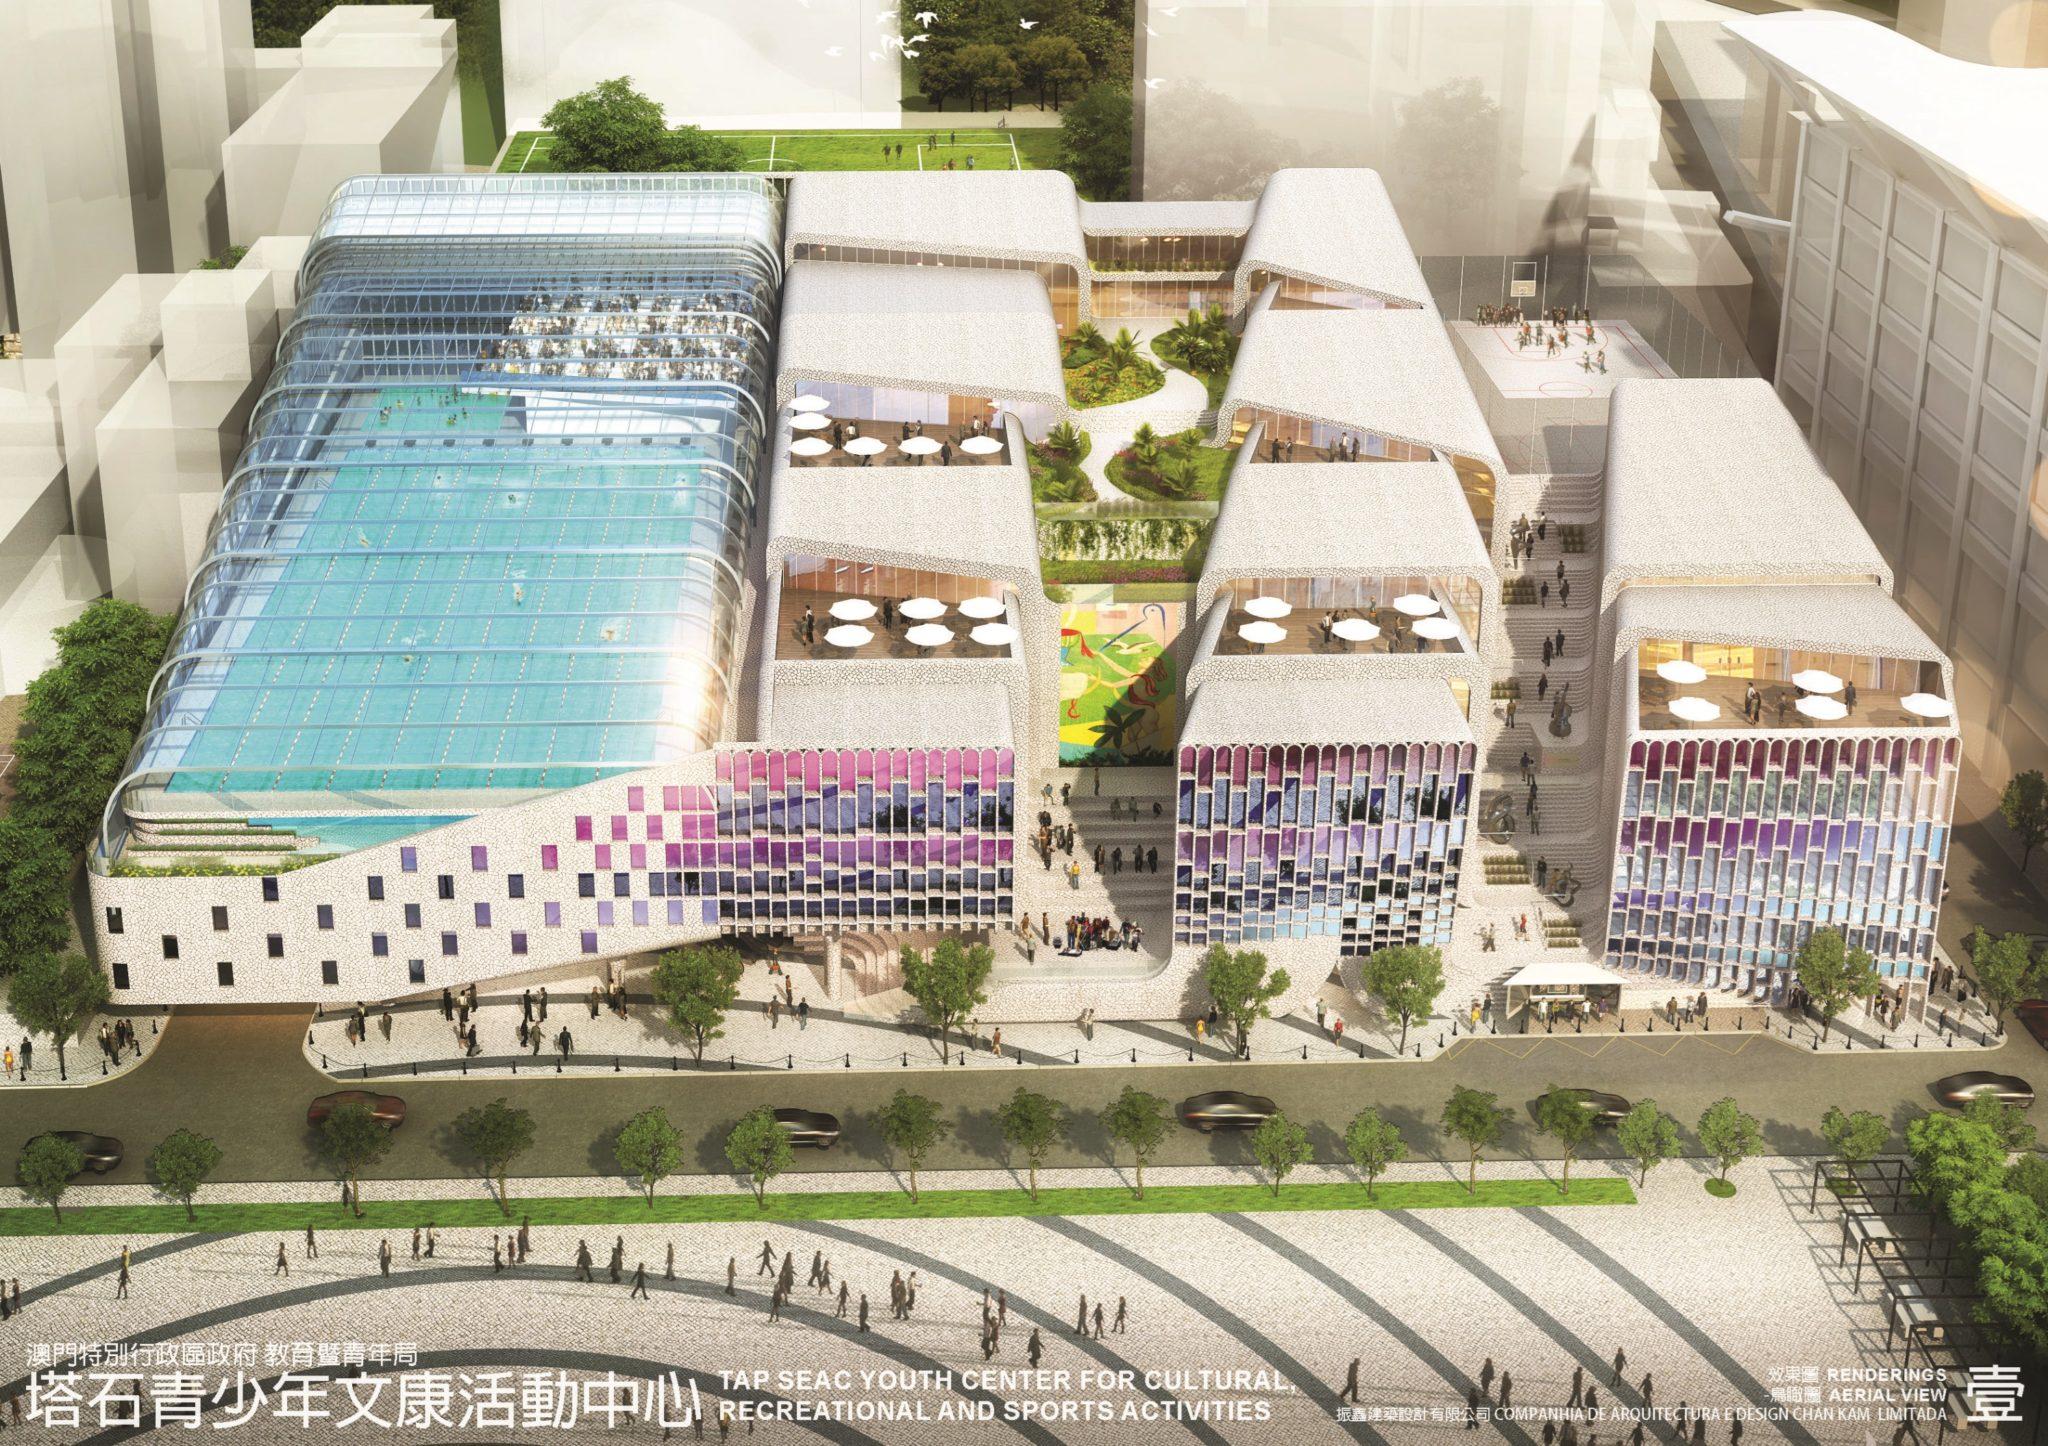 Hotel Estoril | Lam Lon Wai quer saber qual o custo total da obra